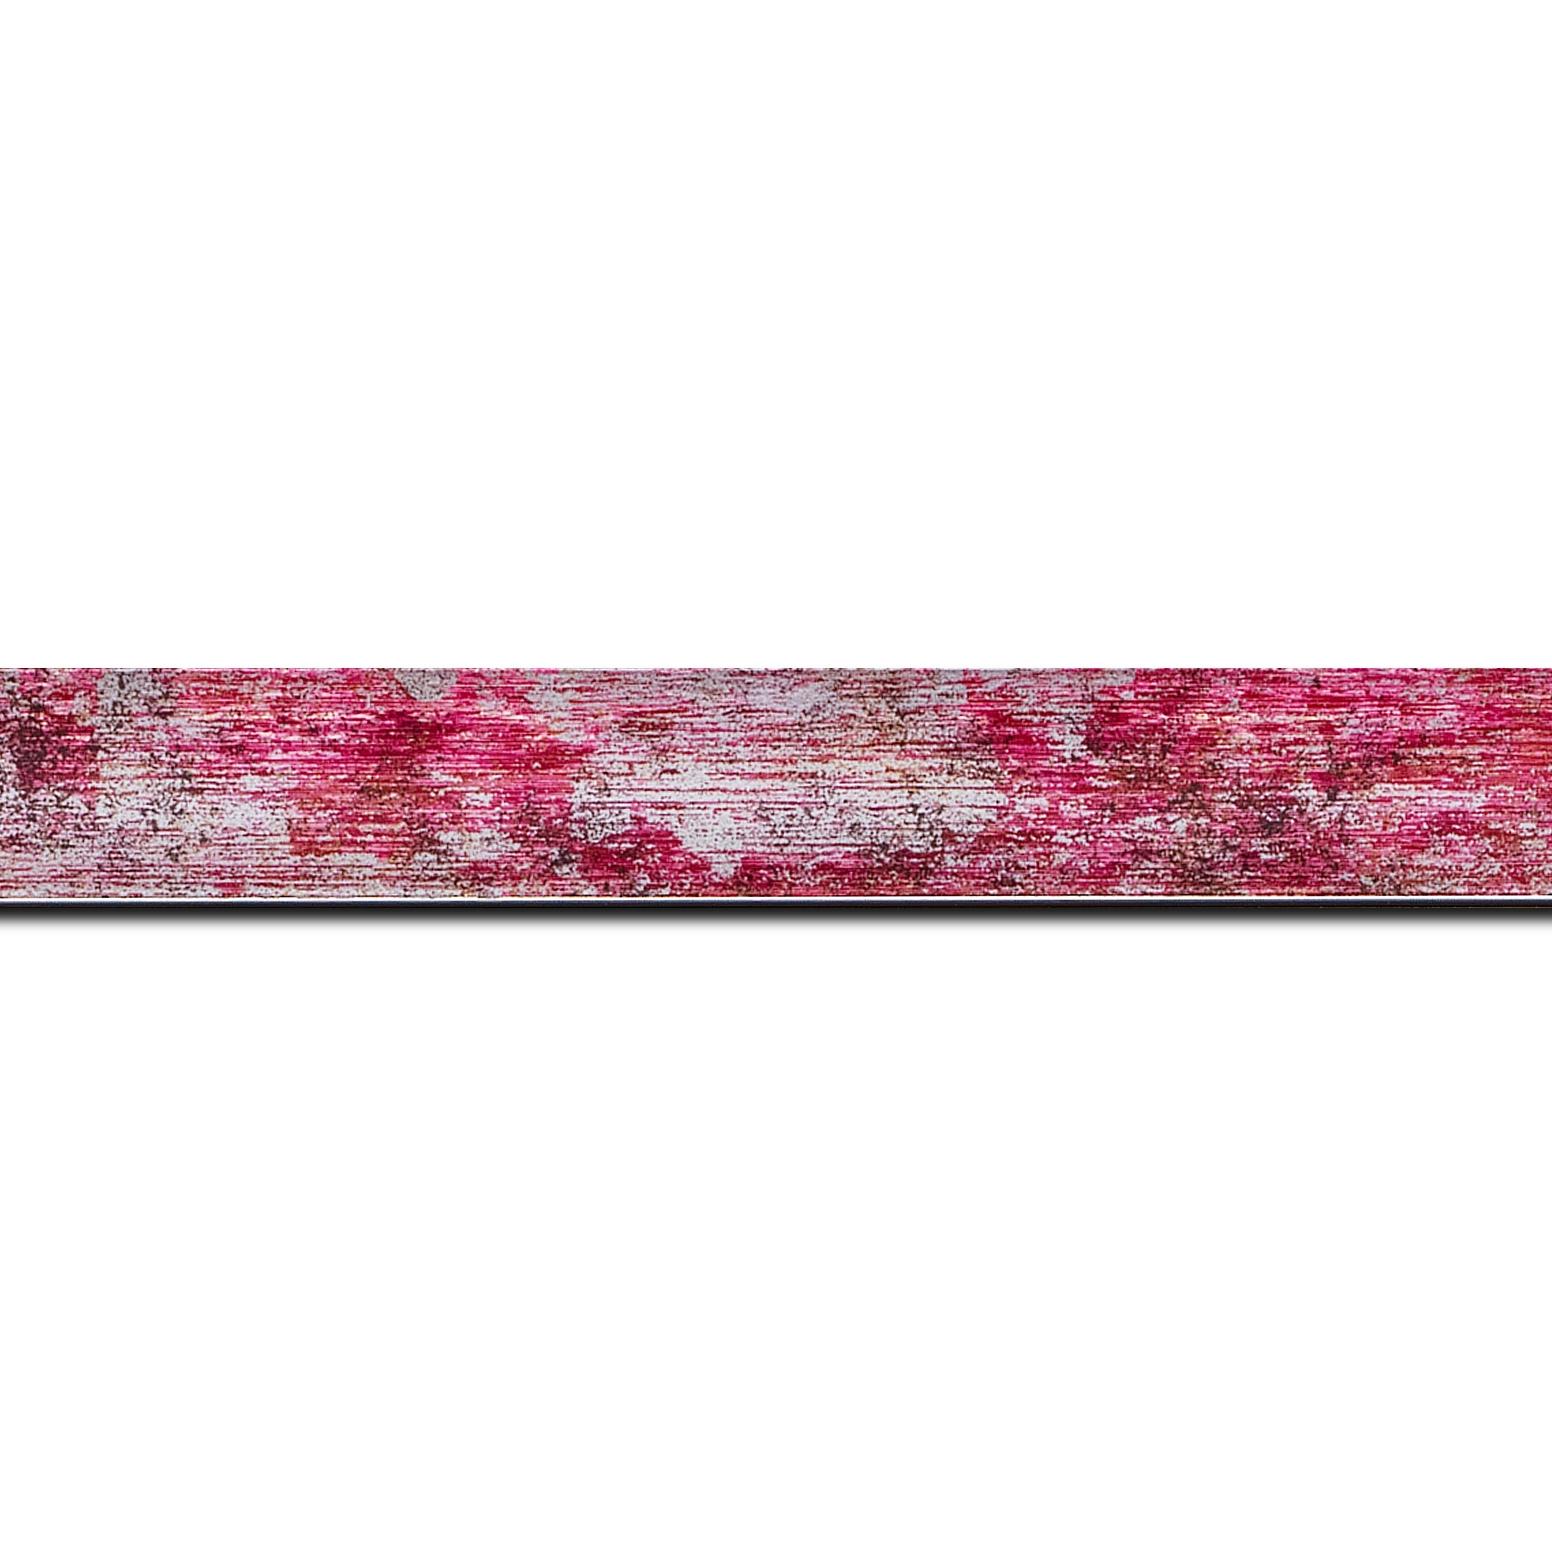 Pack par 12m, bois profil concave largeur 2.4cm de couleur fushia moucheté fond argent (longueur baguette pouvant varier entre 2.40m et 3m selon arrivage des bois)